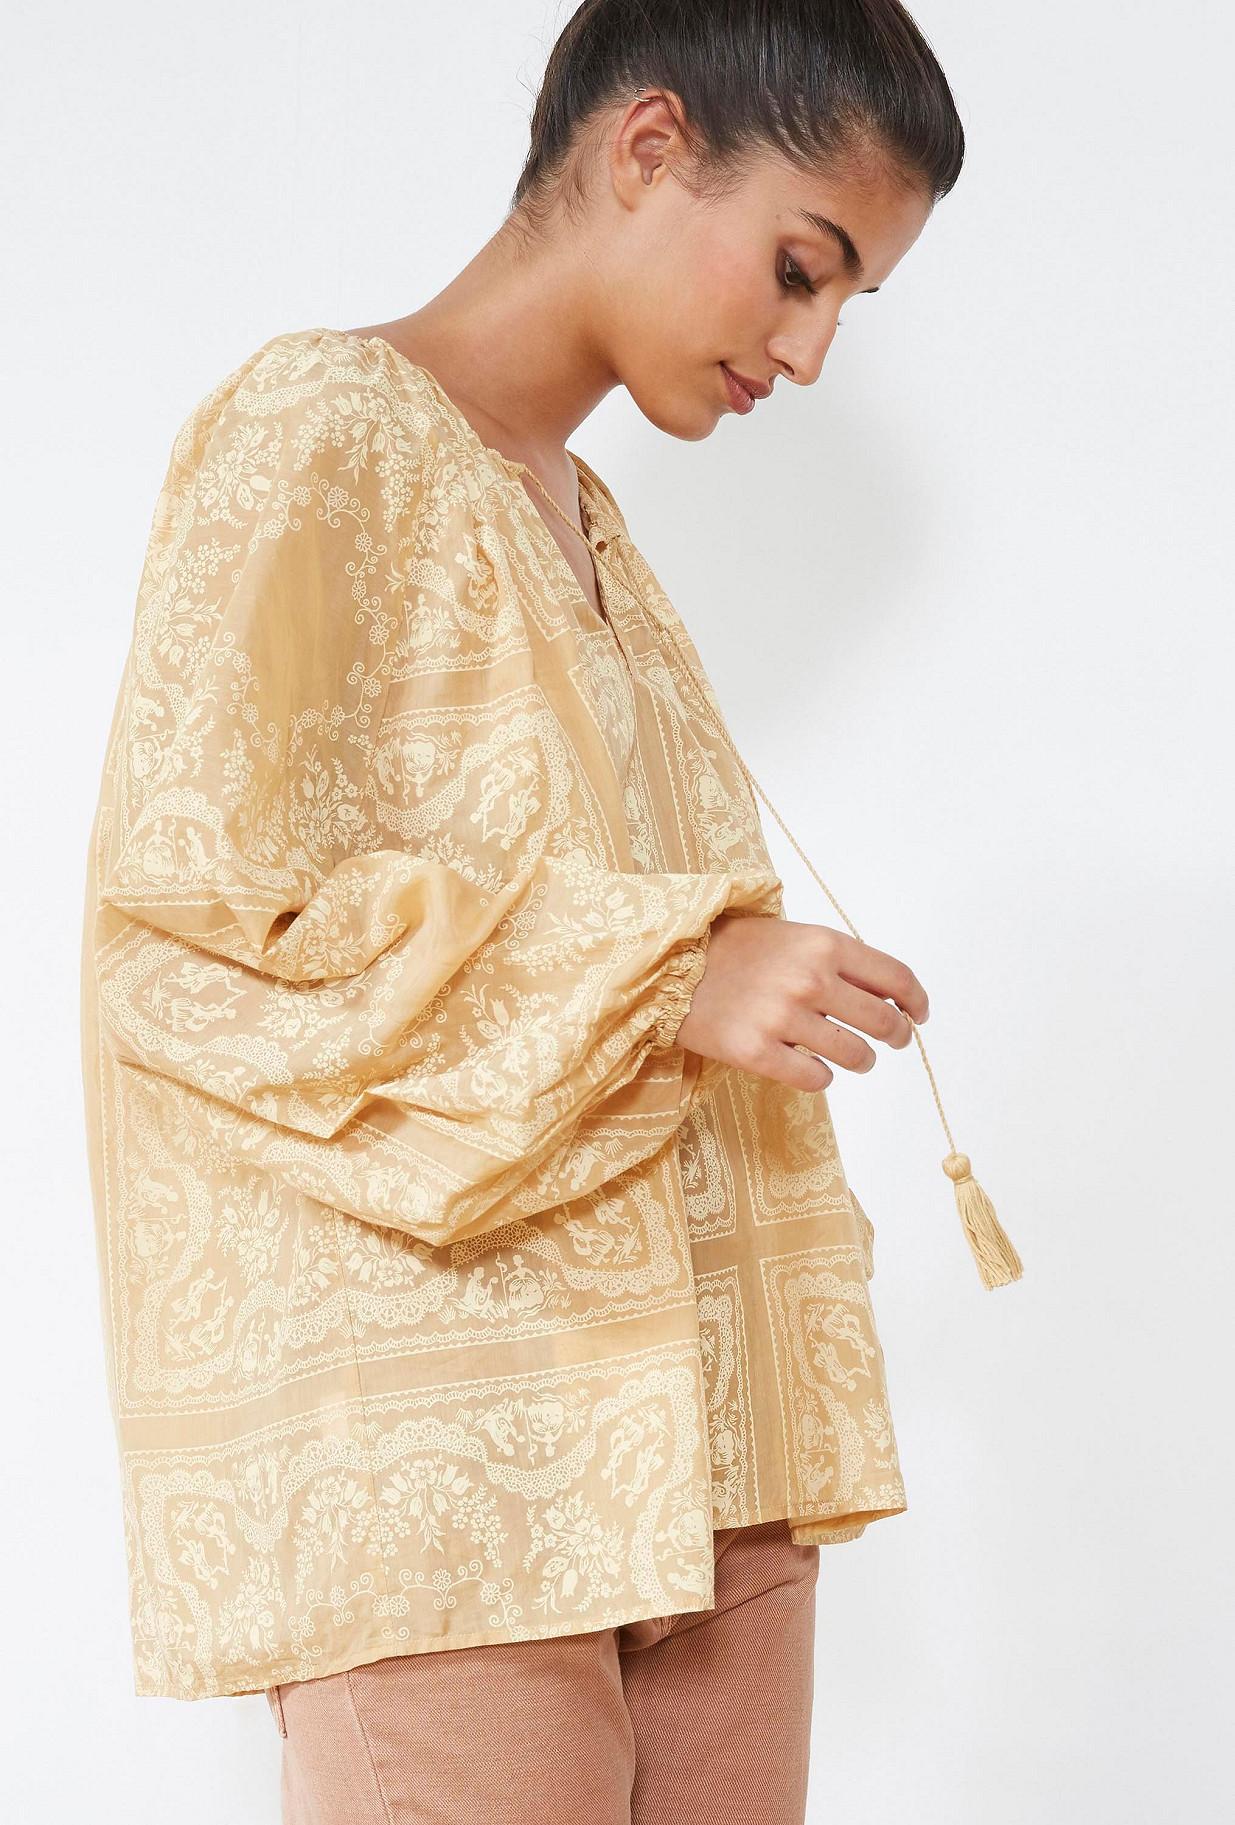 Natural  BLOUSE  Jouvenceau Mes demoiselles fashion clothes designer Paris